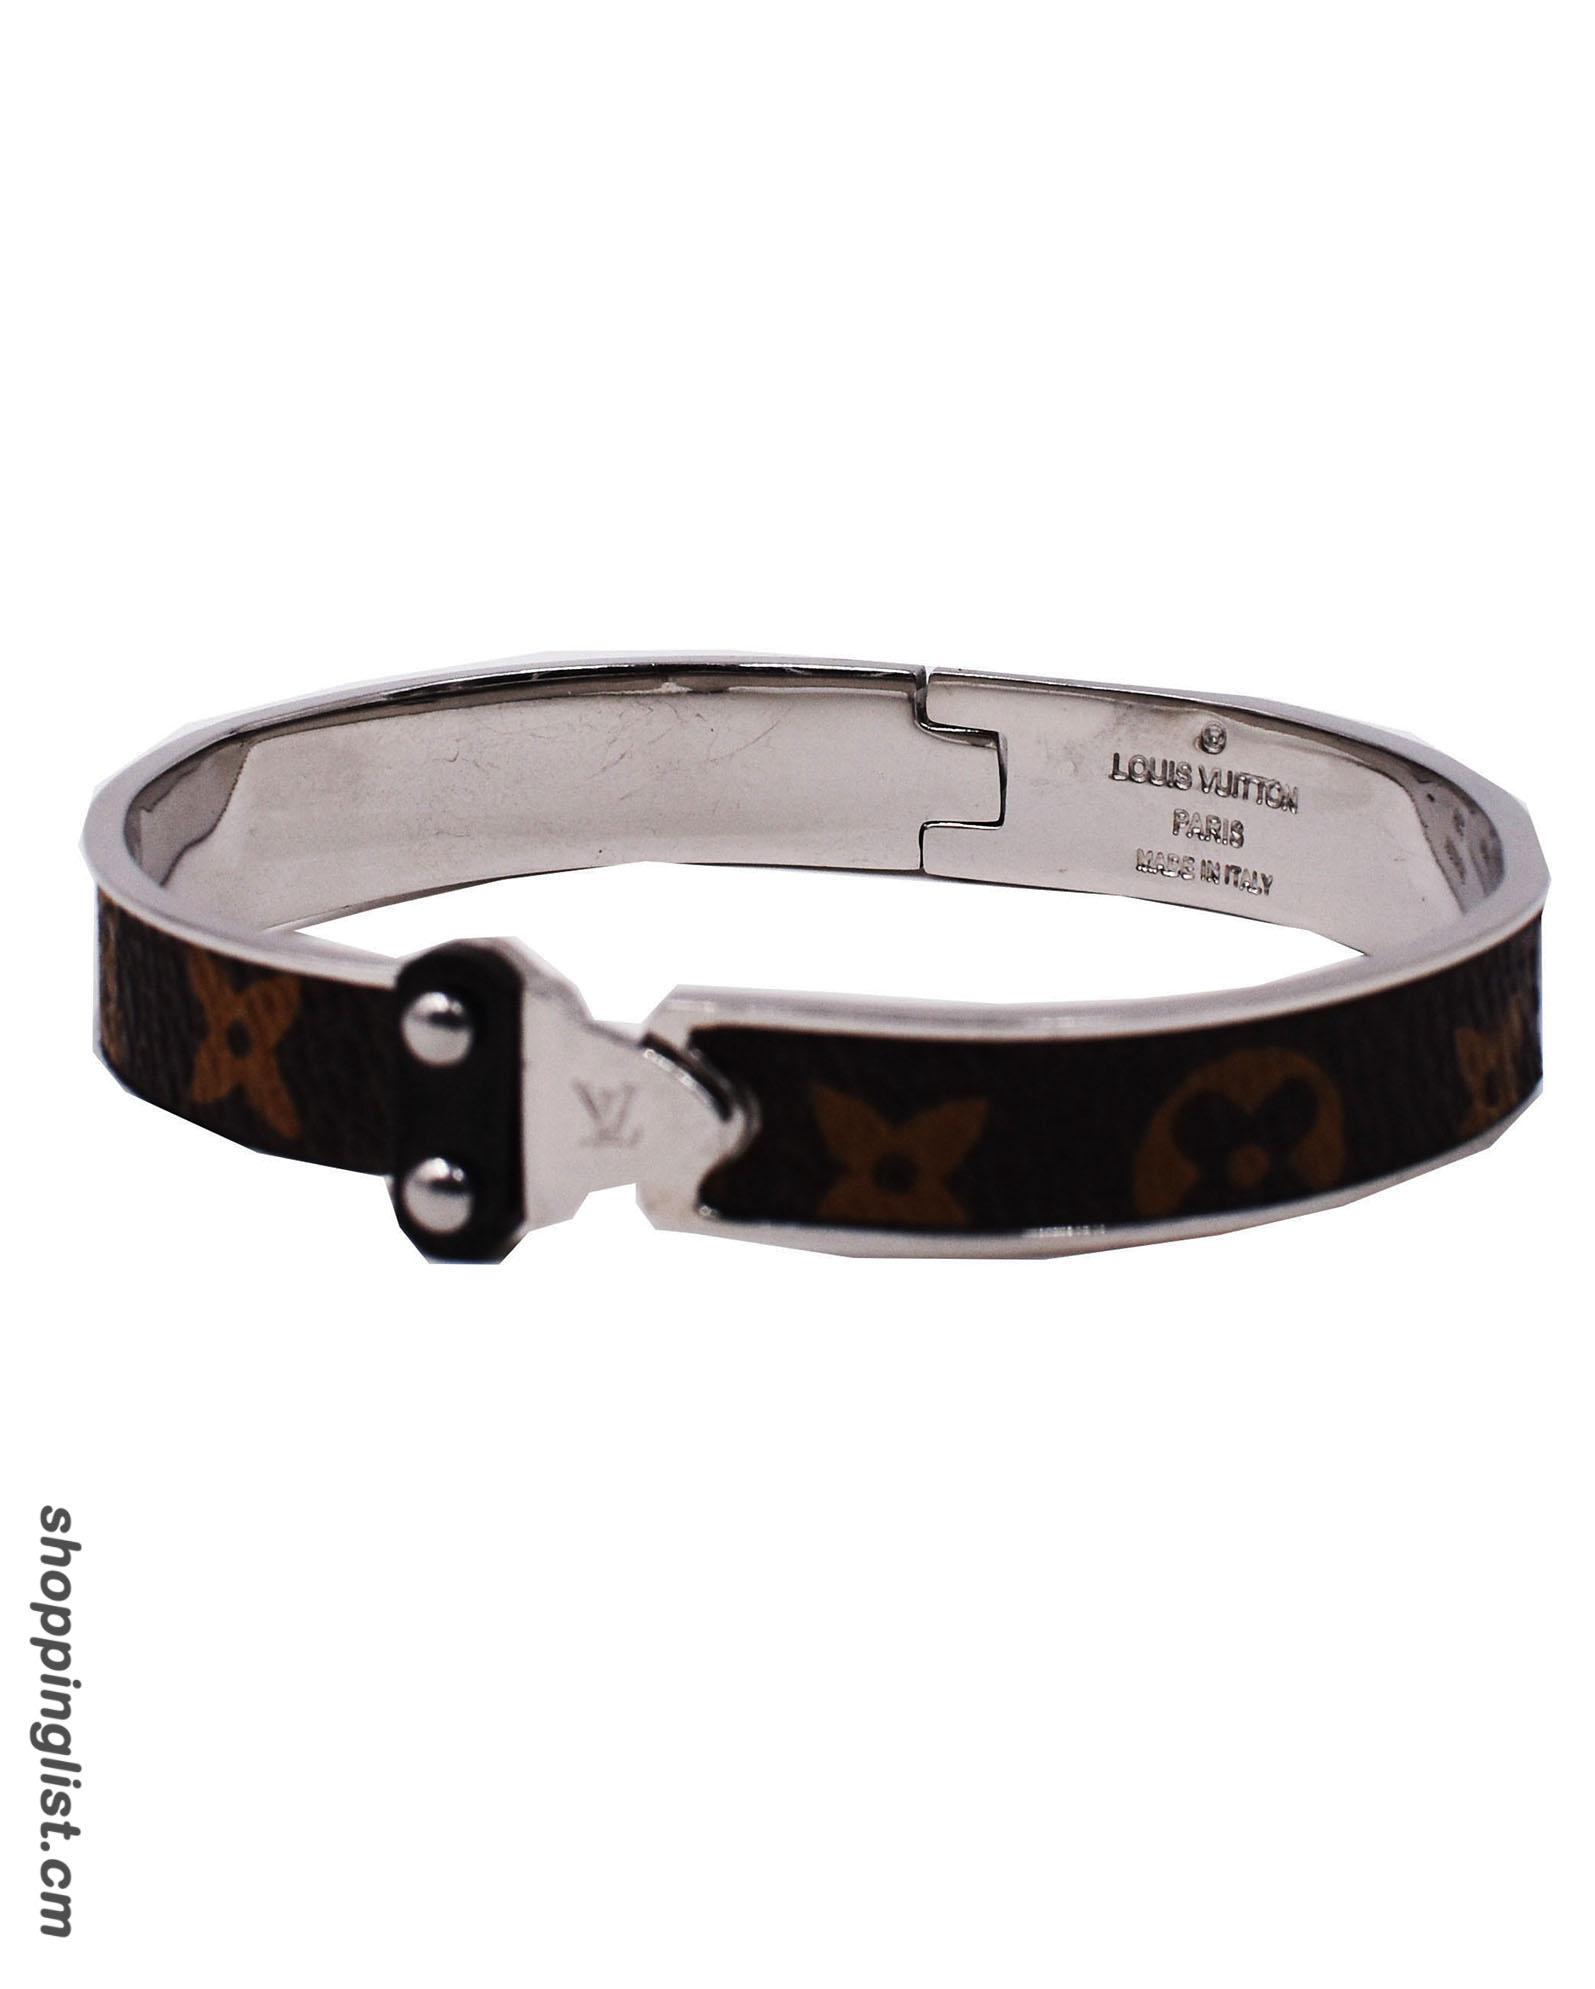 Bracelet cuir homme vuitton